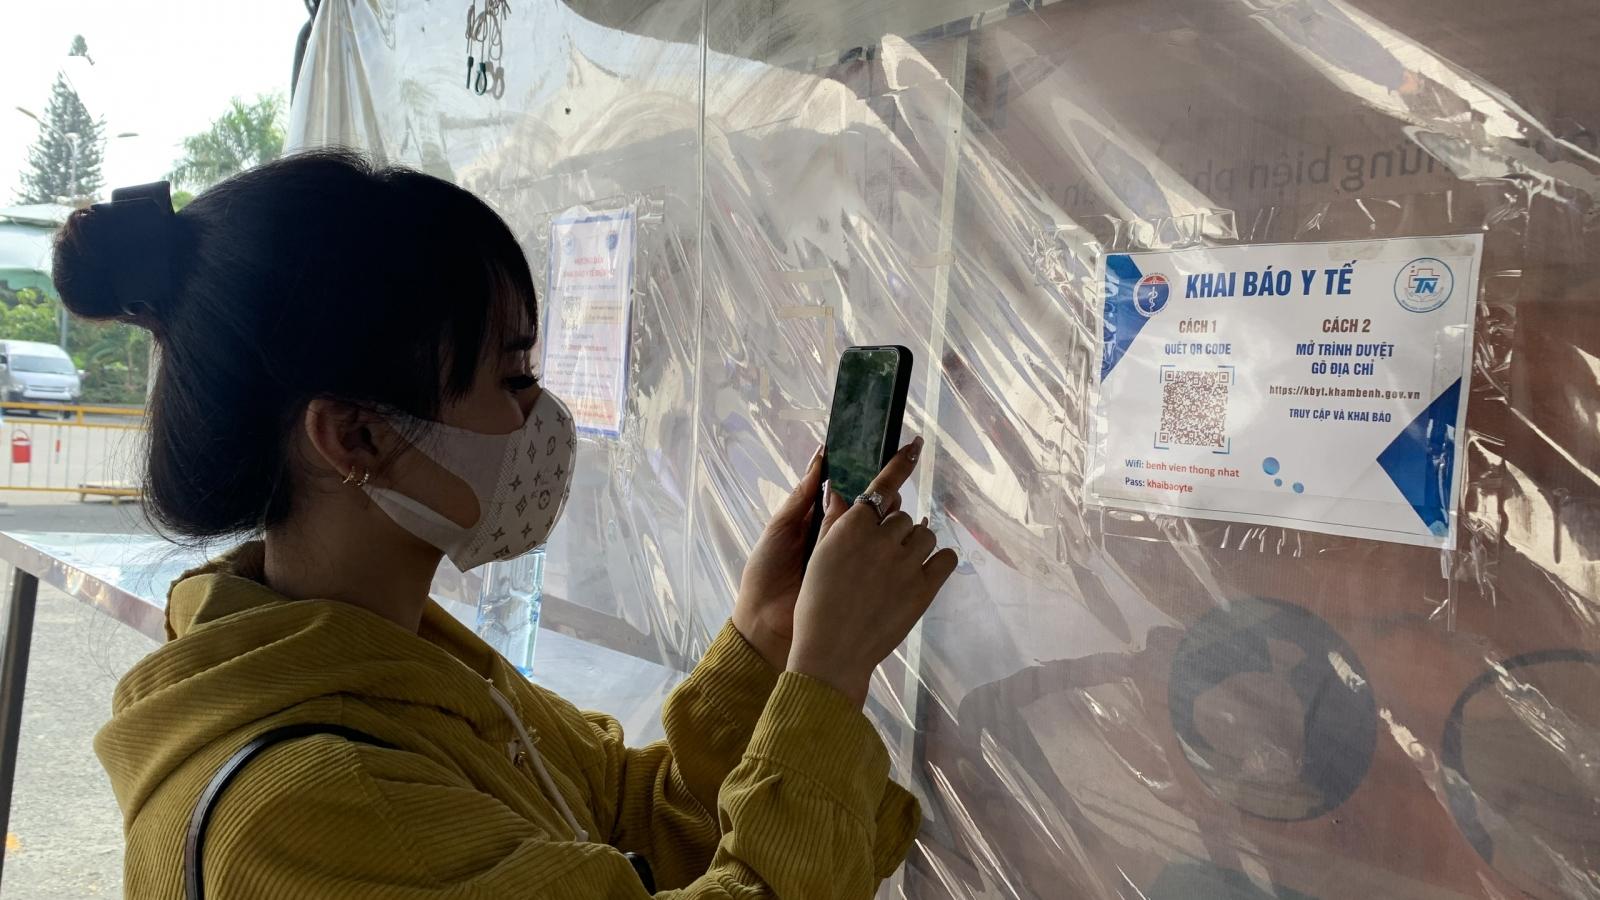 TP.HCM bắt buộc người đến công sở, chợ đầu mối, chung cư phải khai báo y tế điện tử